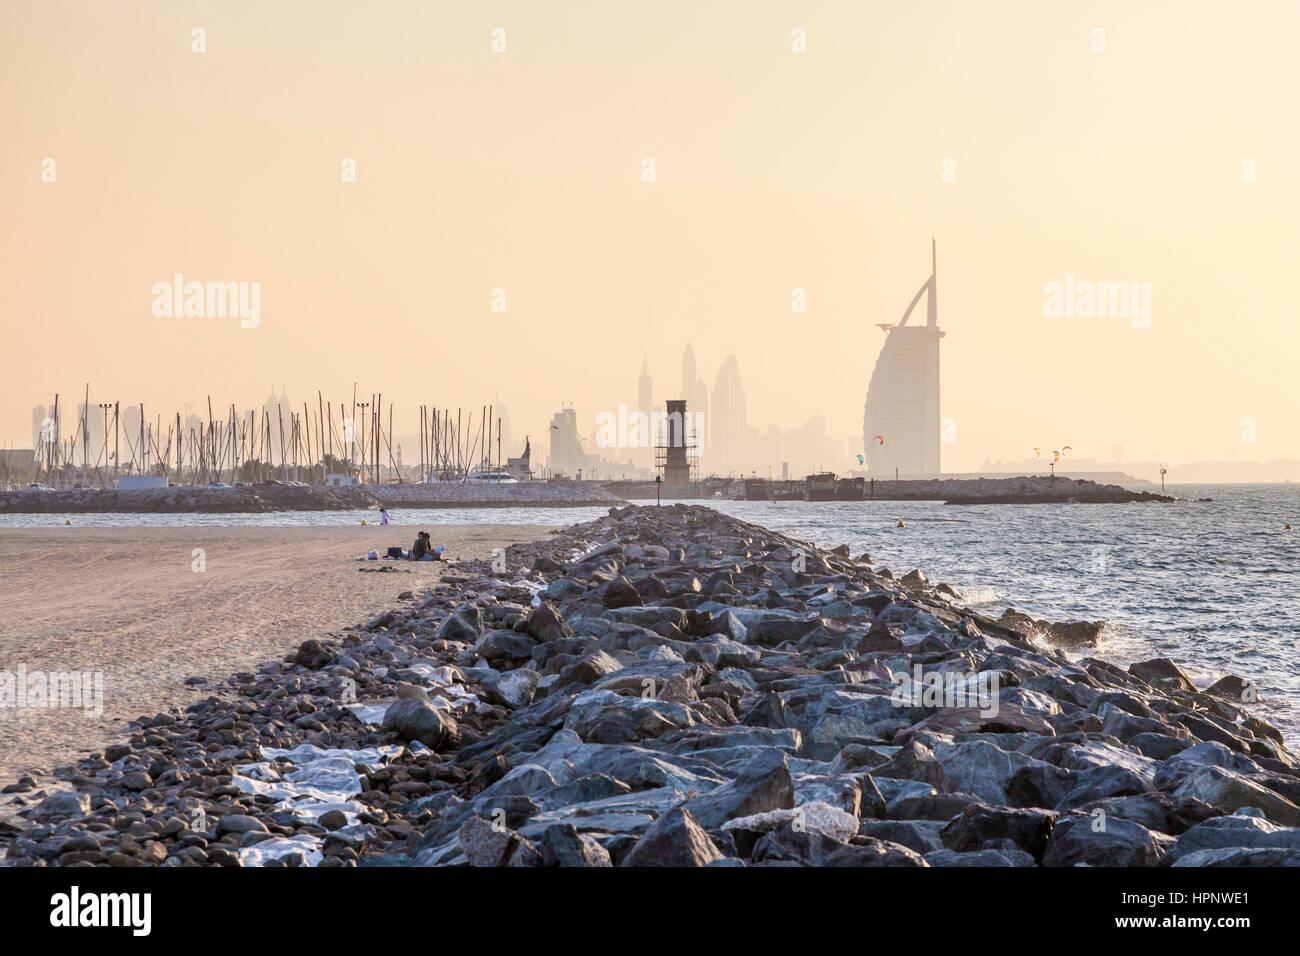 Playa Pública en la costa del Golfo Pérsico y del hotel Burj al Arab en Dubai. Los Emiratos Árabes Imagen De Stock